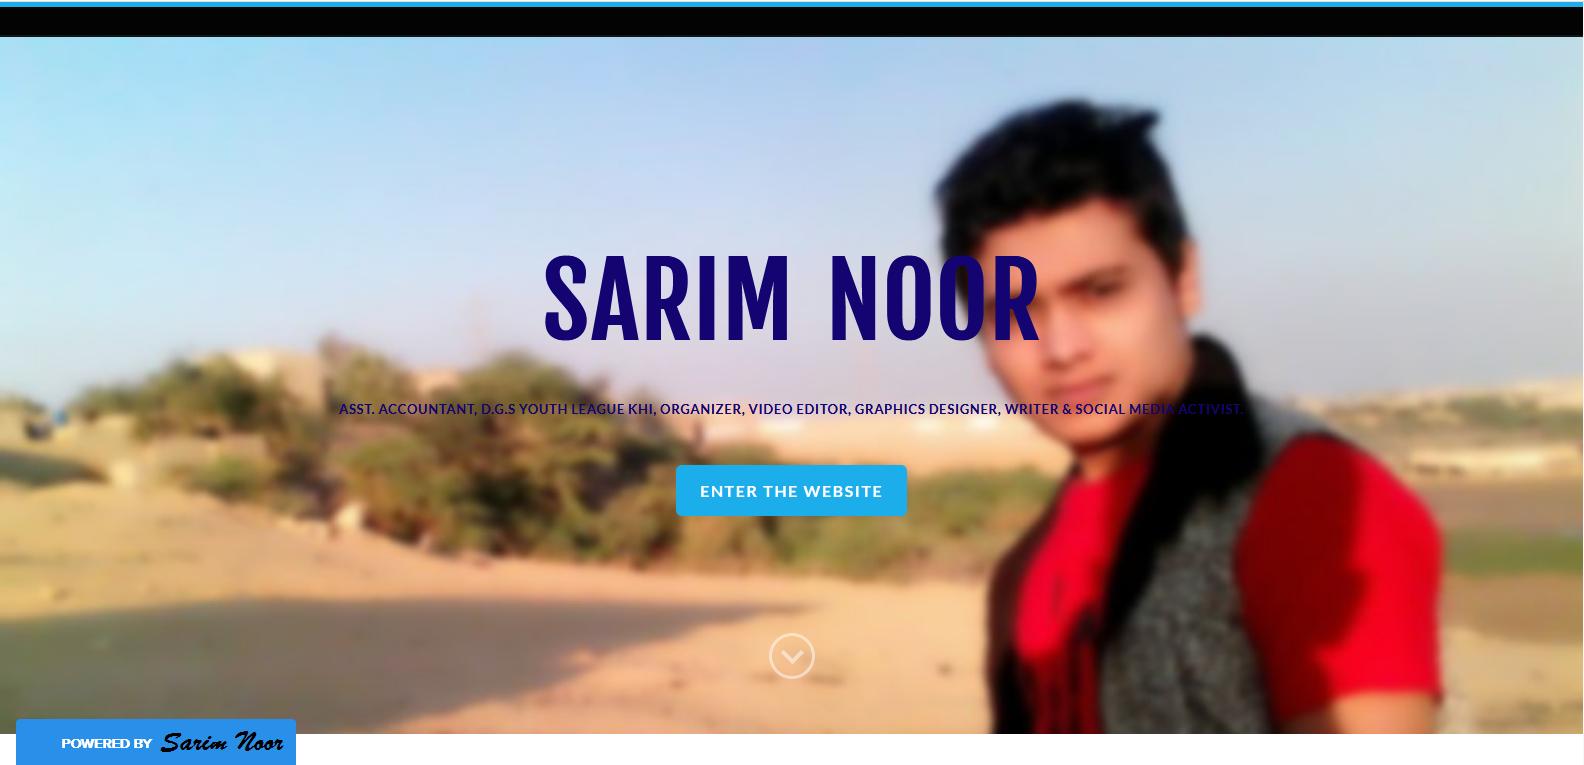 sarim noro website